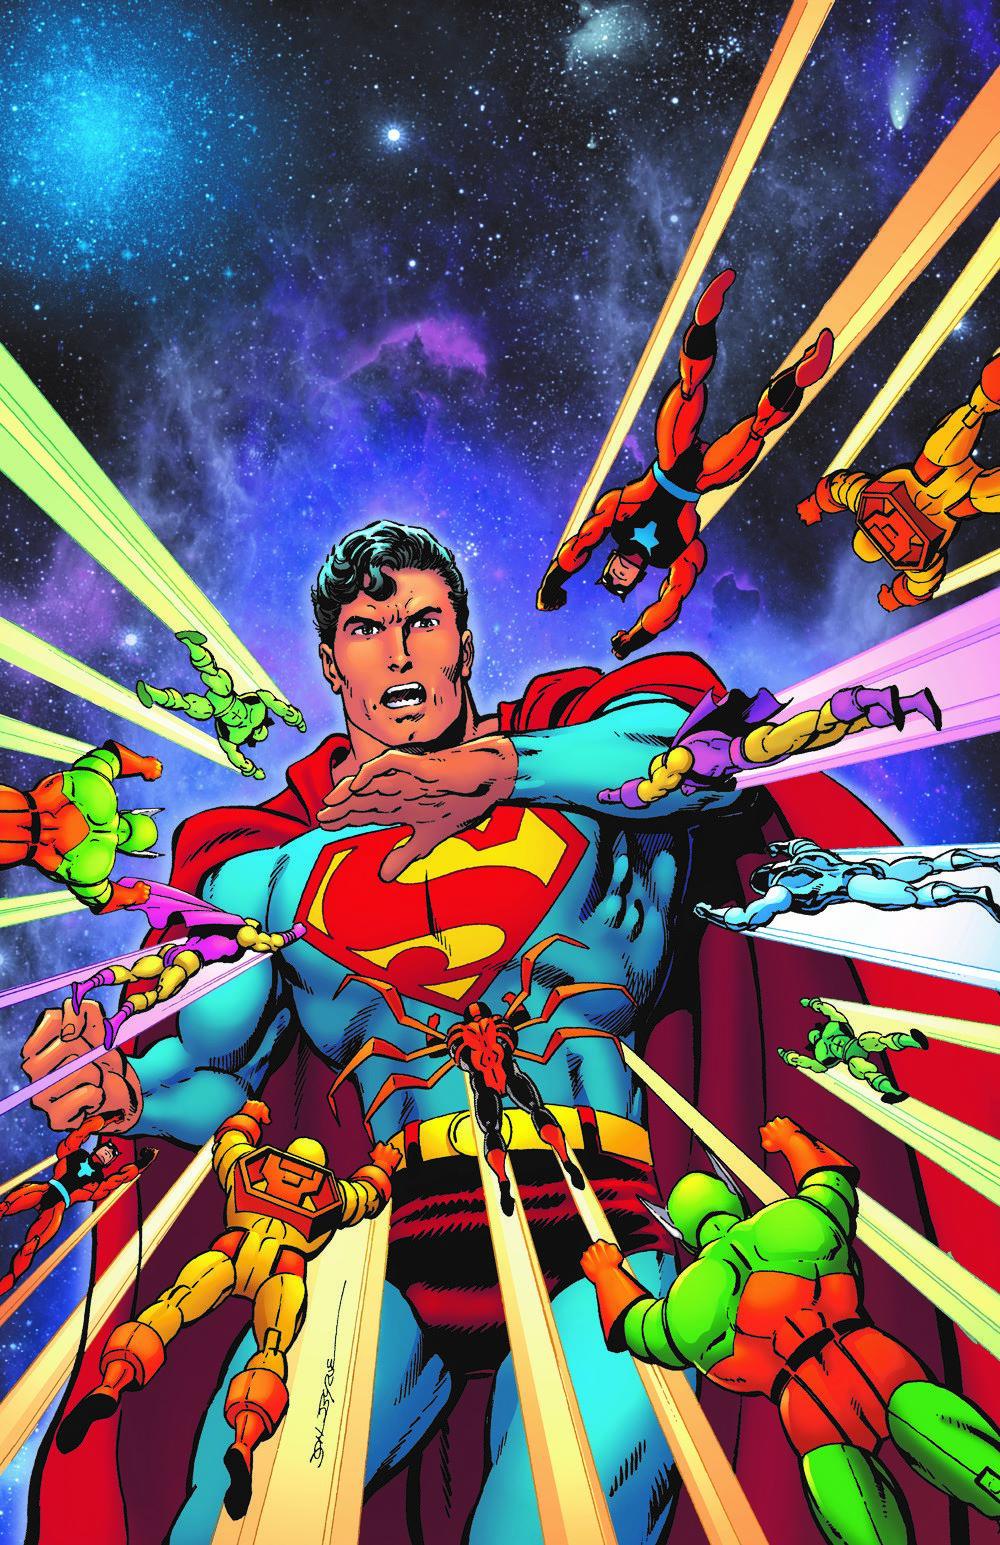 SM-MAN-OF-STEEL-VOL3 DC Comics April 2021 Solicitations